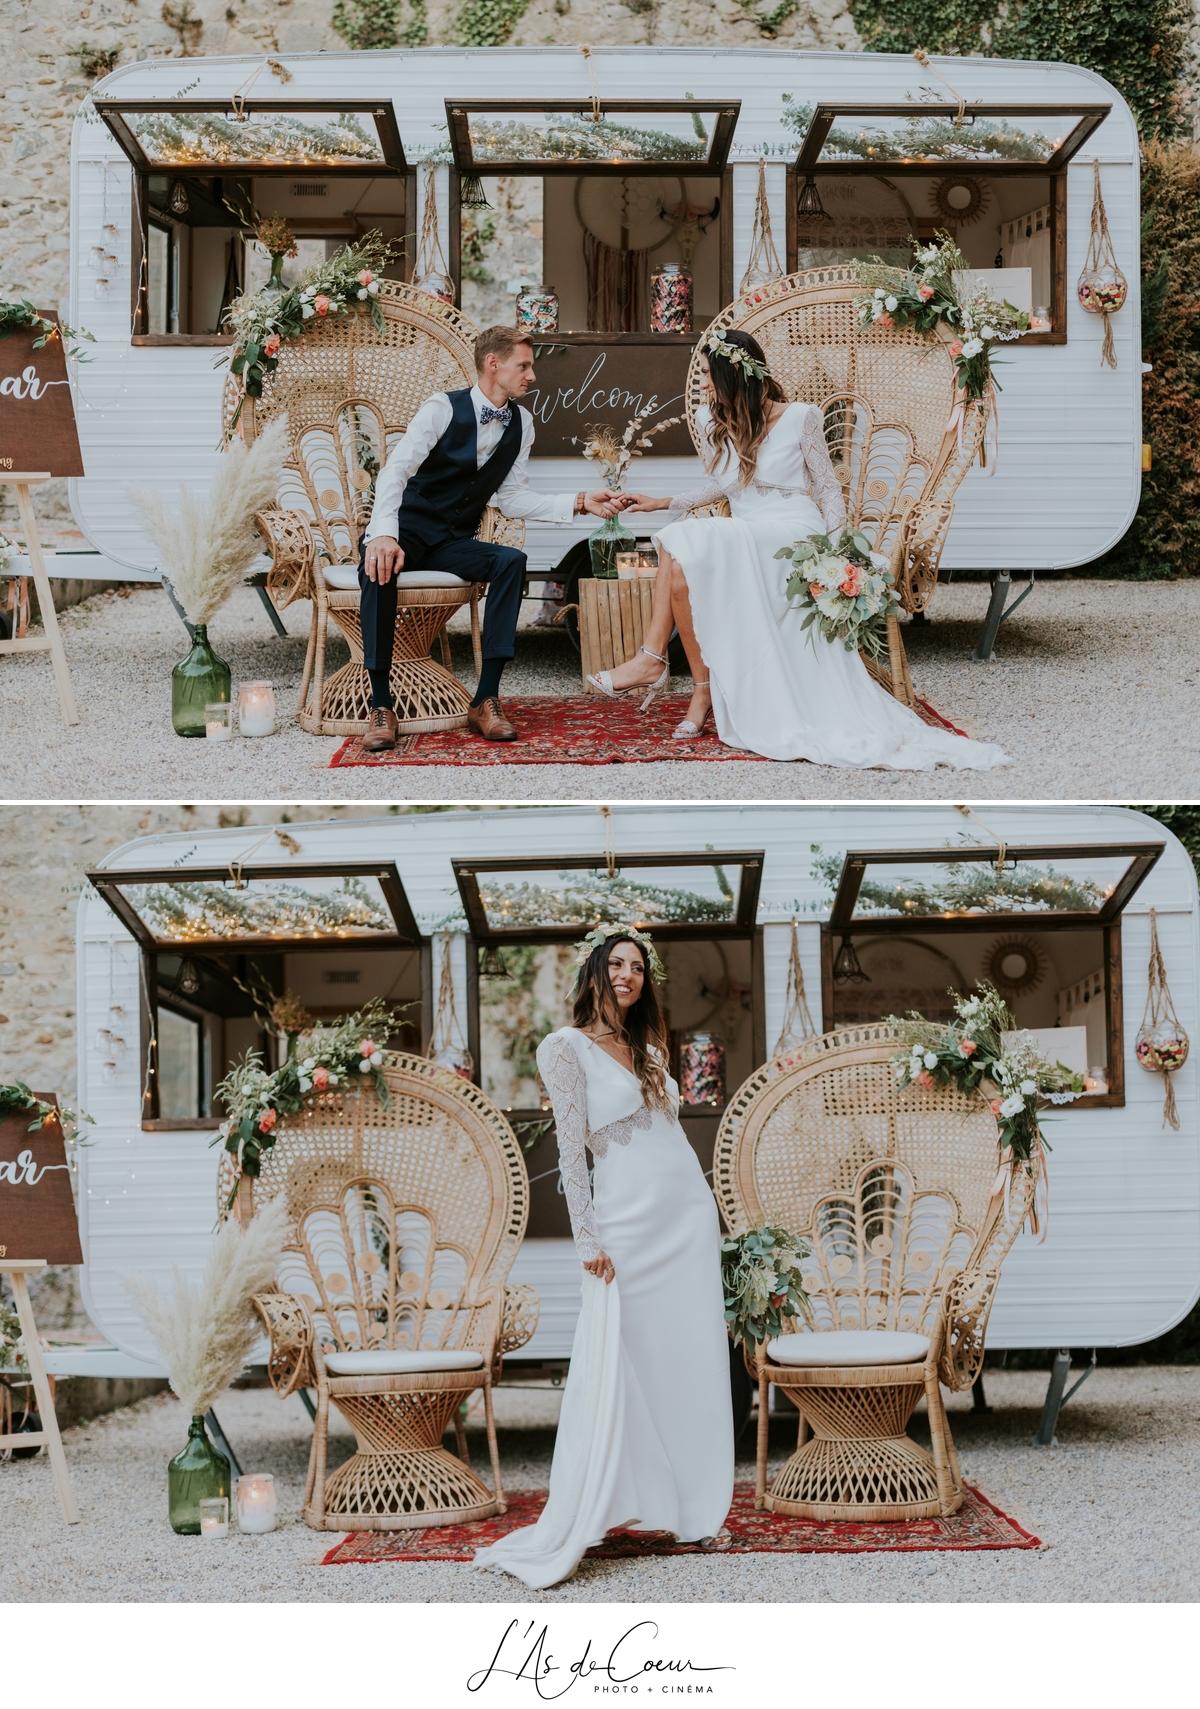 Mariage bohème chic caravane fauteuil Emmanuelle château de la Gallée photographe Mariage Lyon ©lasdecoeur